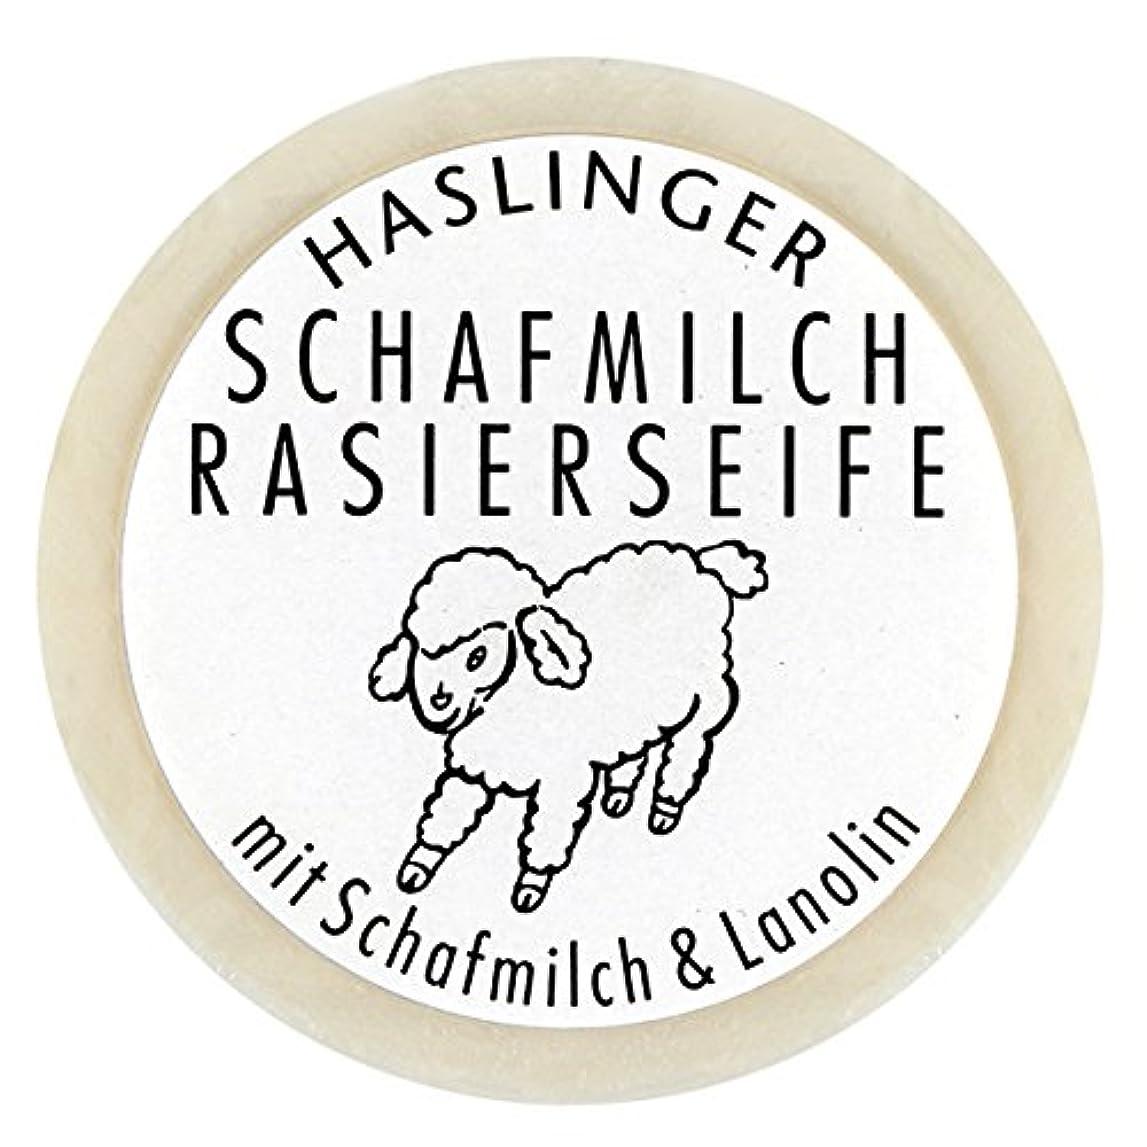 遠足不快な事実Schafmilch Rasierseife (Ewe`s Milk Shave Soap) 60g soap bar by Haslinger by Haslinger